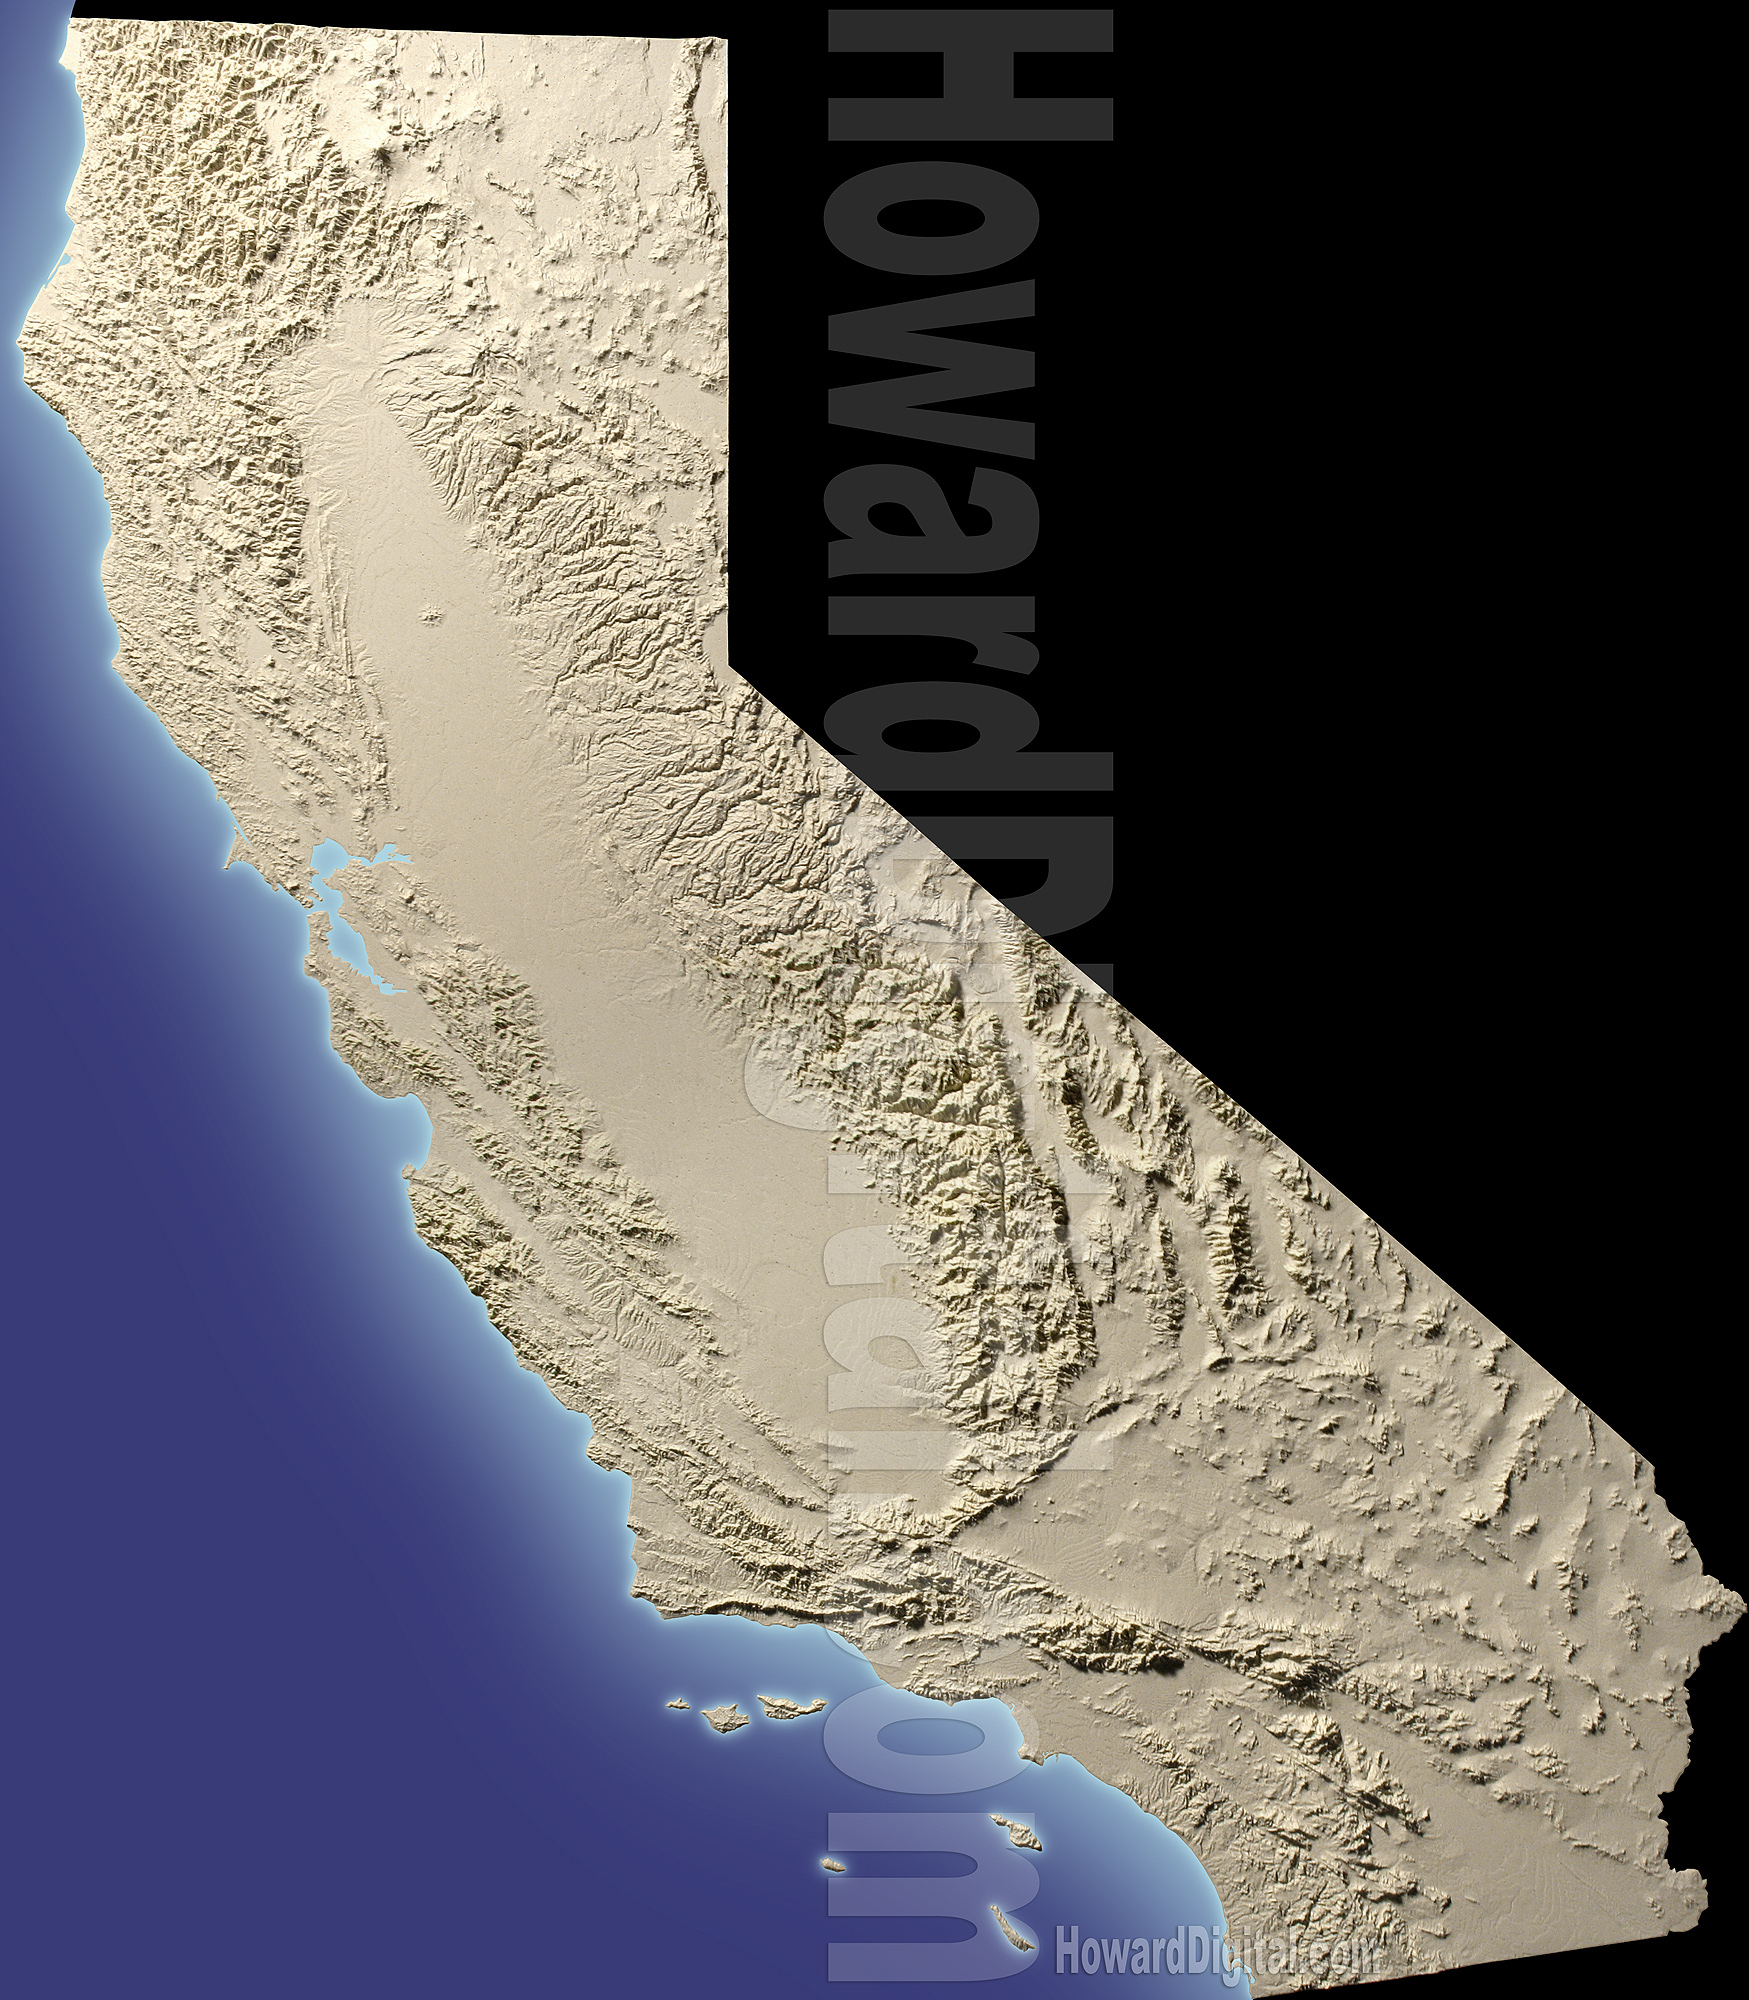 California Terrain Models - Terrain Model - Howard Models - California Terrain Map